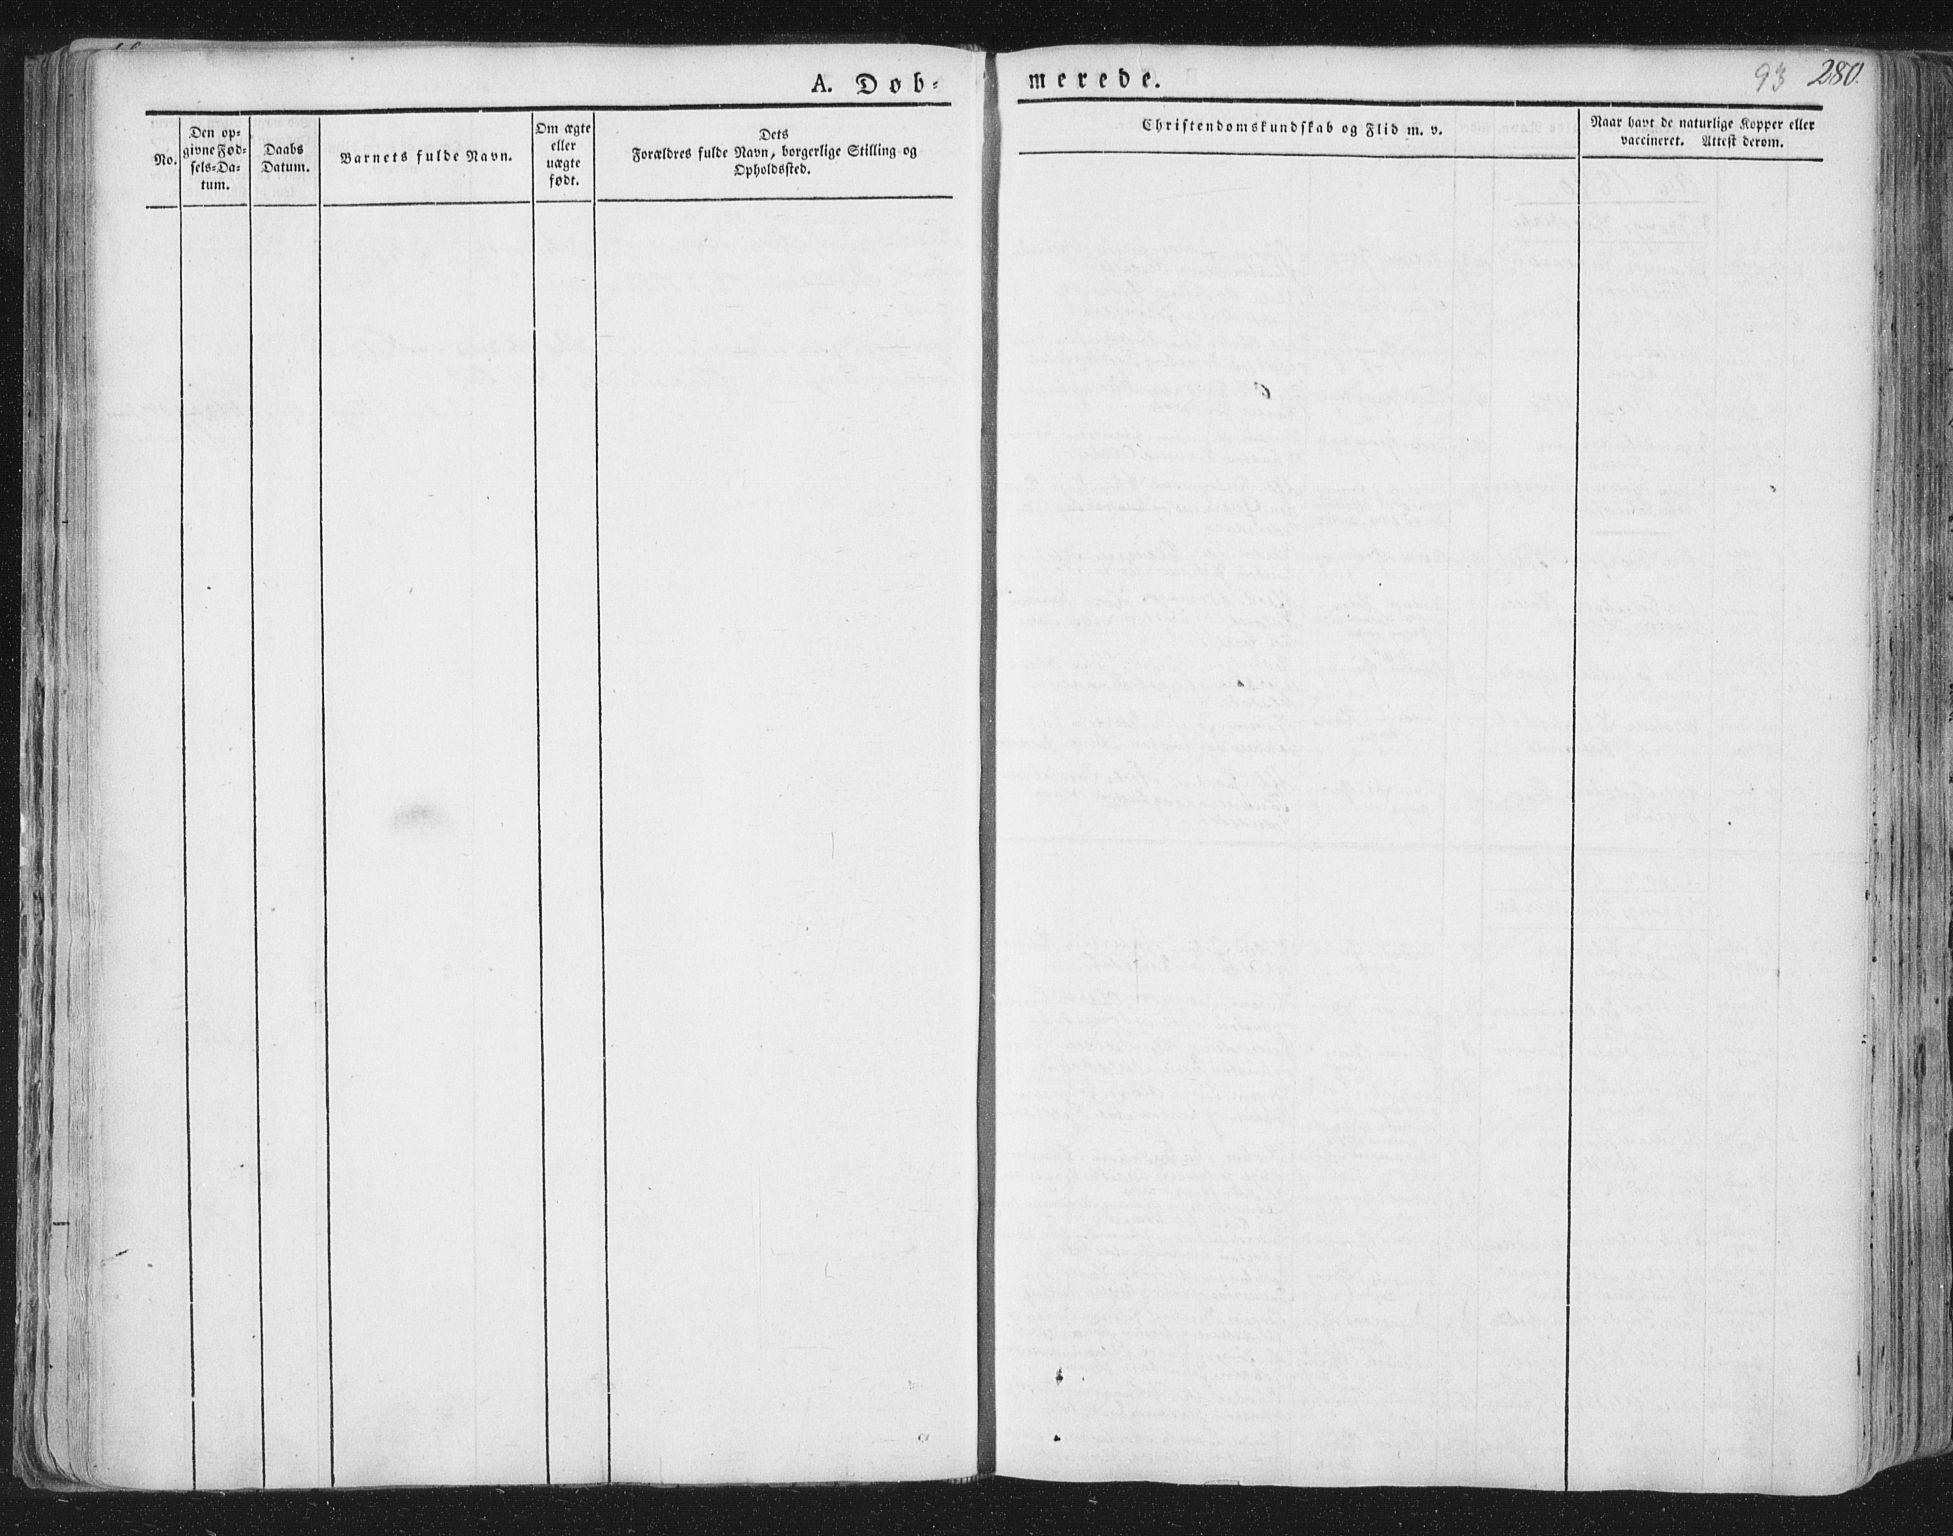 SAT, Ministerialprotokoller, klokkerbøker og fødselsregistre - Nord-Trøndelag, 758/L0513: Ministerialbok nr. 758A02 /3, 1839-1868, s. 93